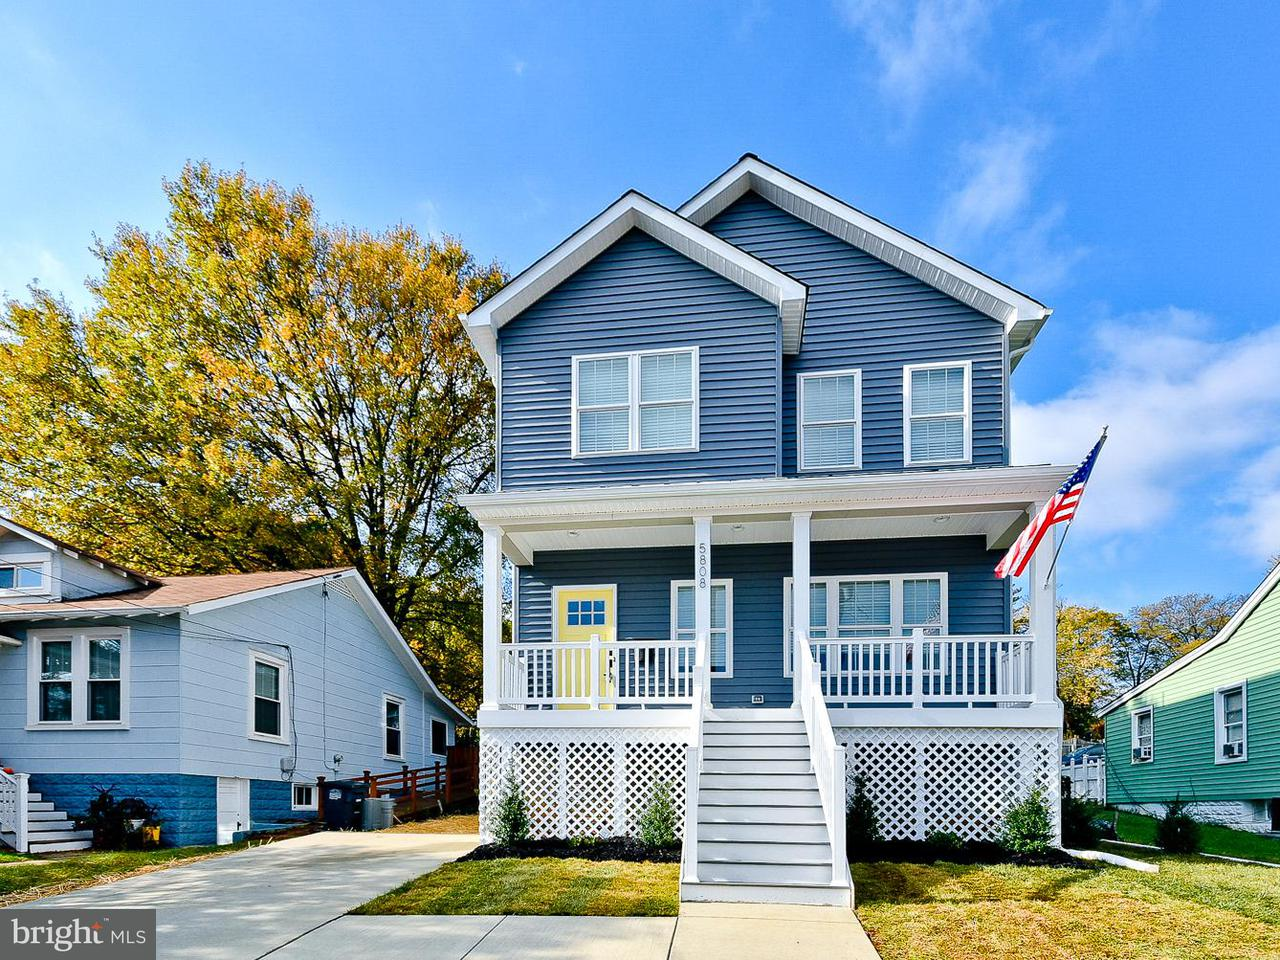 独户住宅 为 销售 在 5808 43RD Avenue 5808 43RD Avenue Hyattsville, 马里兰州 20781 美国